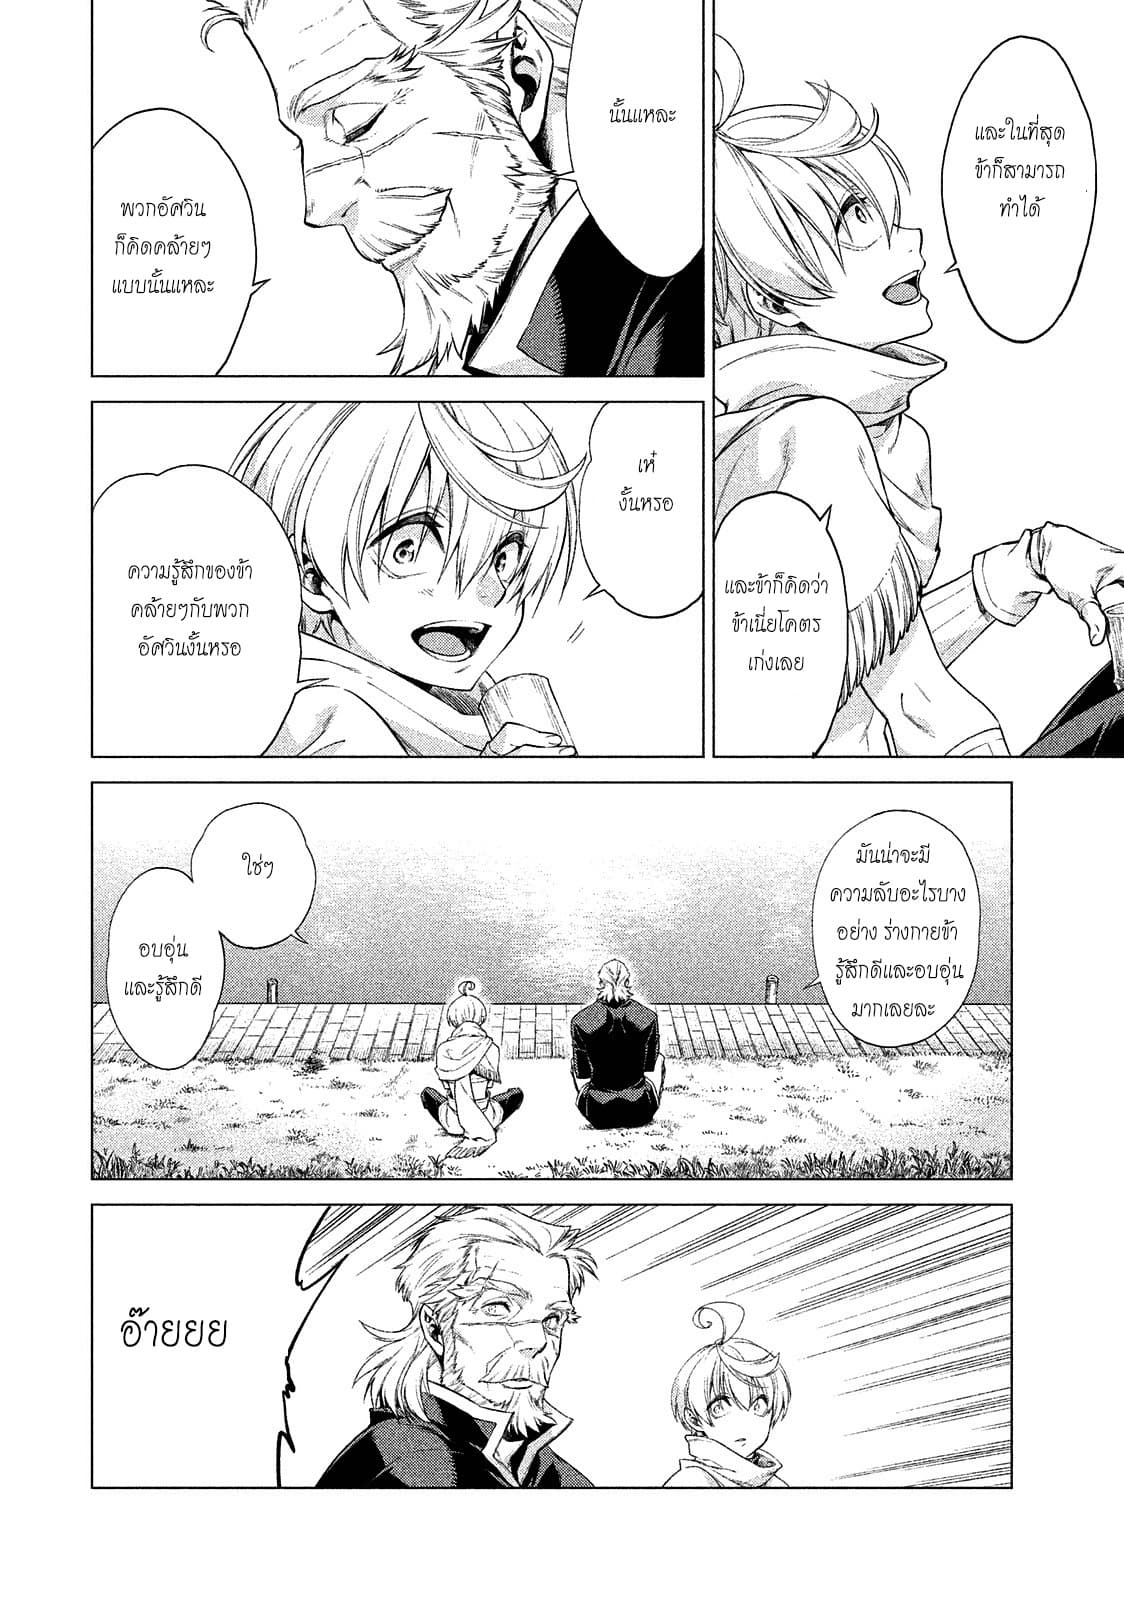 อ่านการ์ตูน Henkyou no Roukishi - Bard Loen ตอนที่ 8 หน้าที่ 8